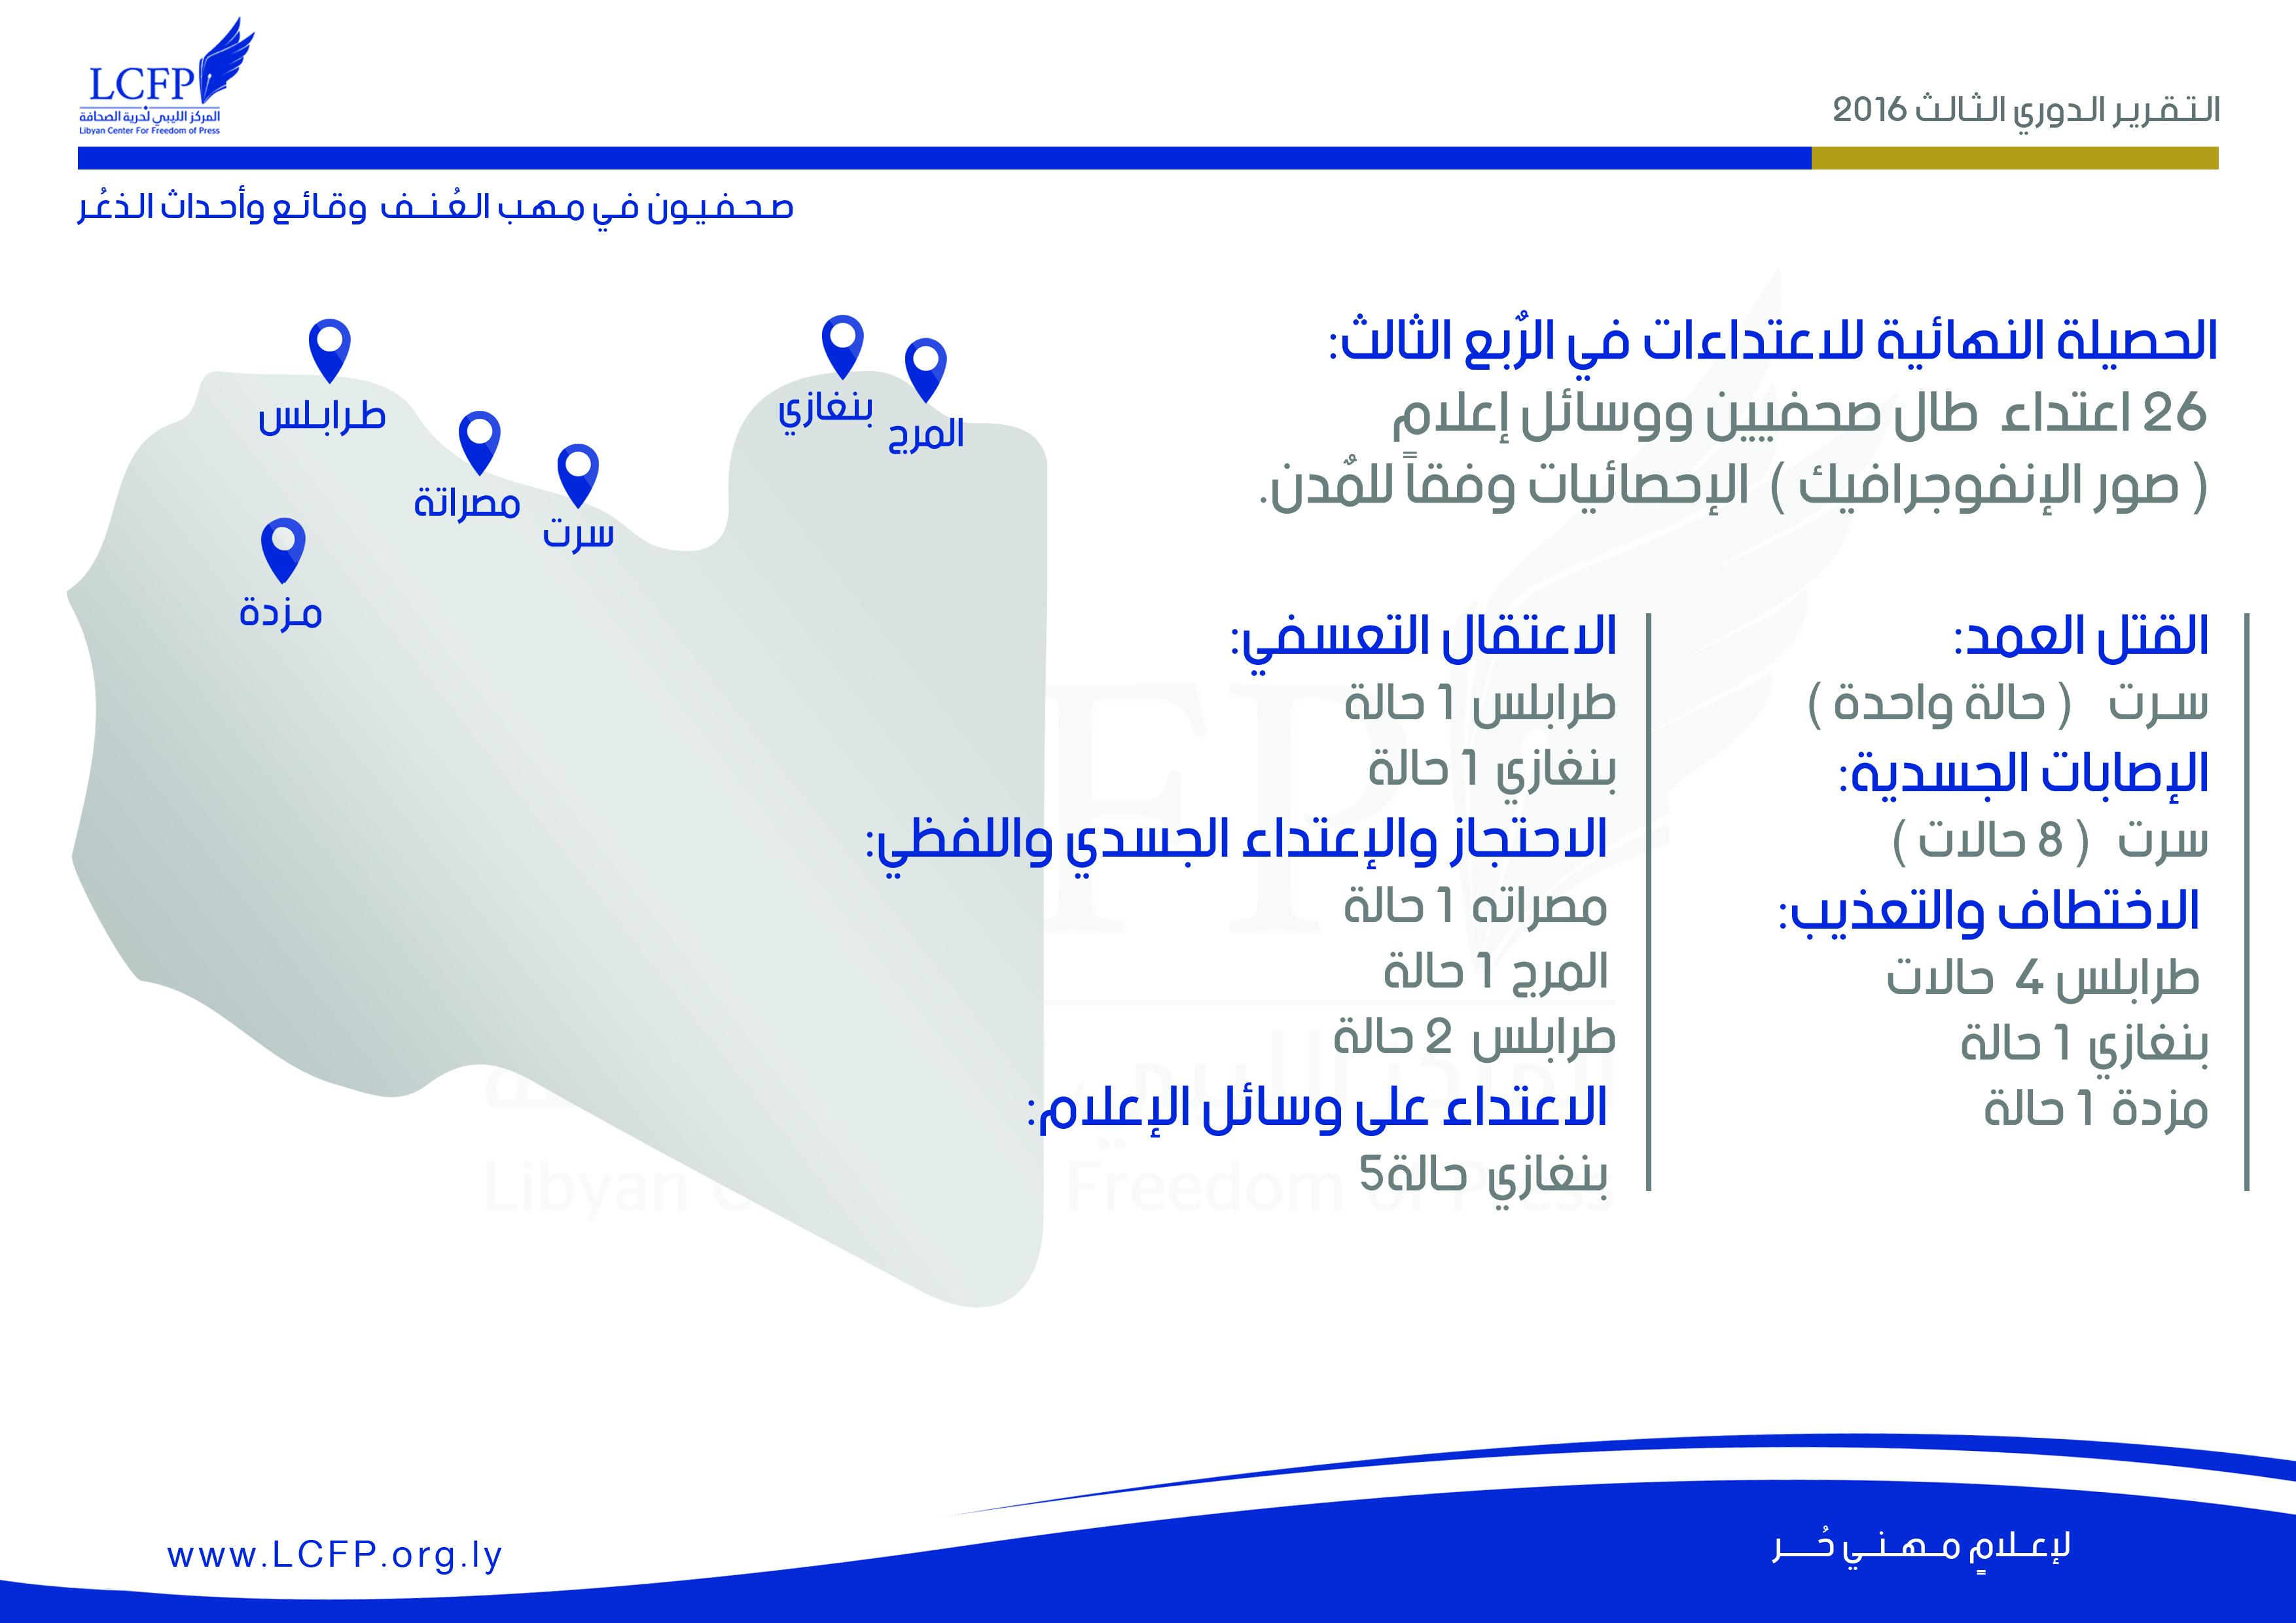 خريطة توضح تصنيف الاعتداءات والمٌدن التي وقعت فيها